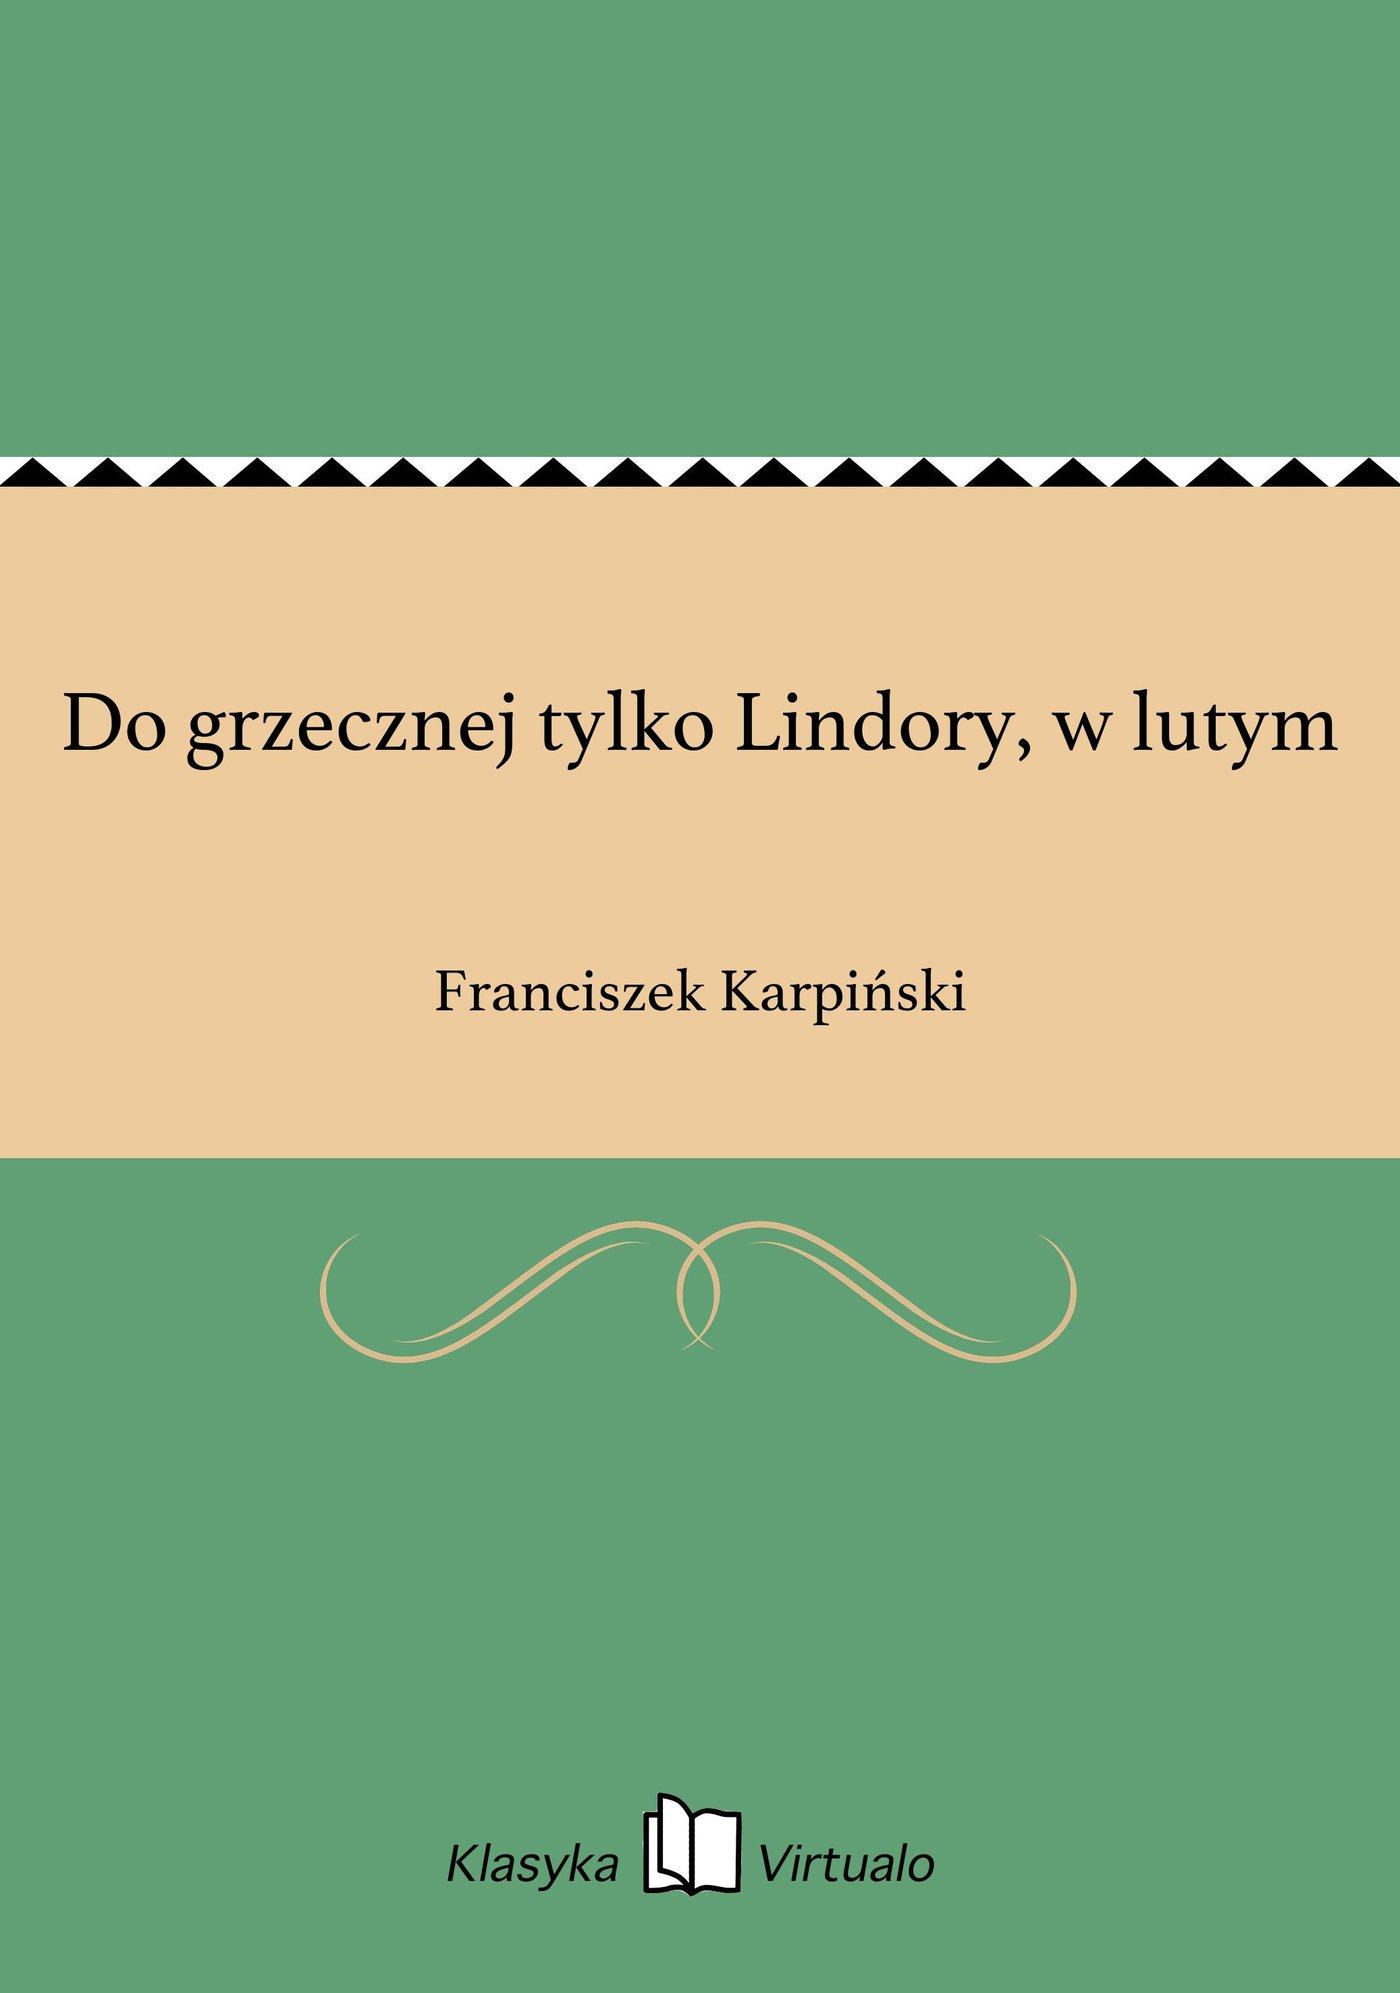 Do grzecznej tylko Lindory, w lutym - Ebook (Książka EPUB) do pobrania w formacie EPUB